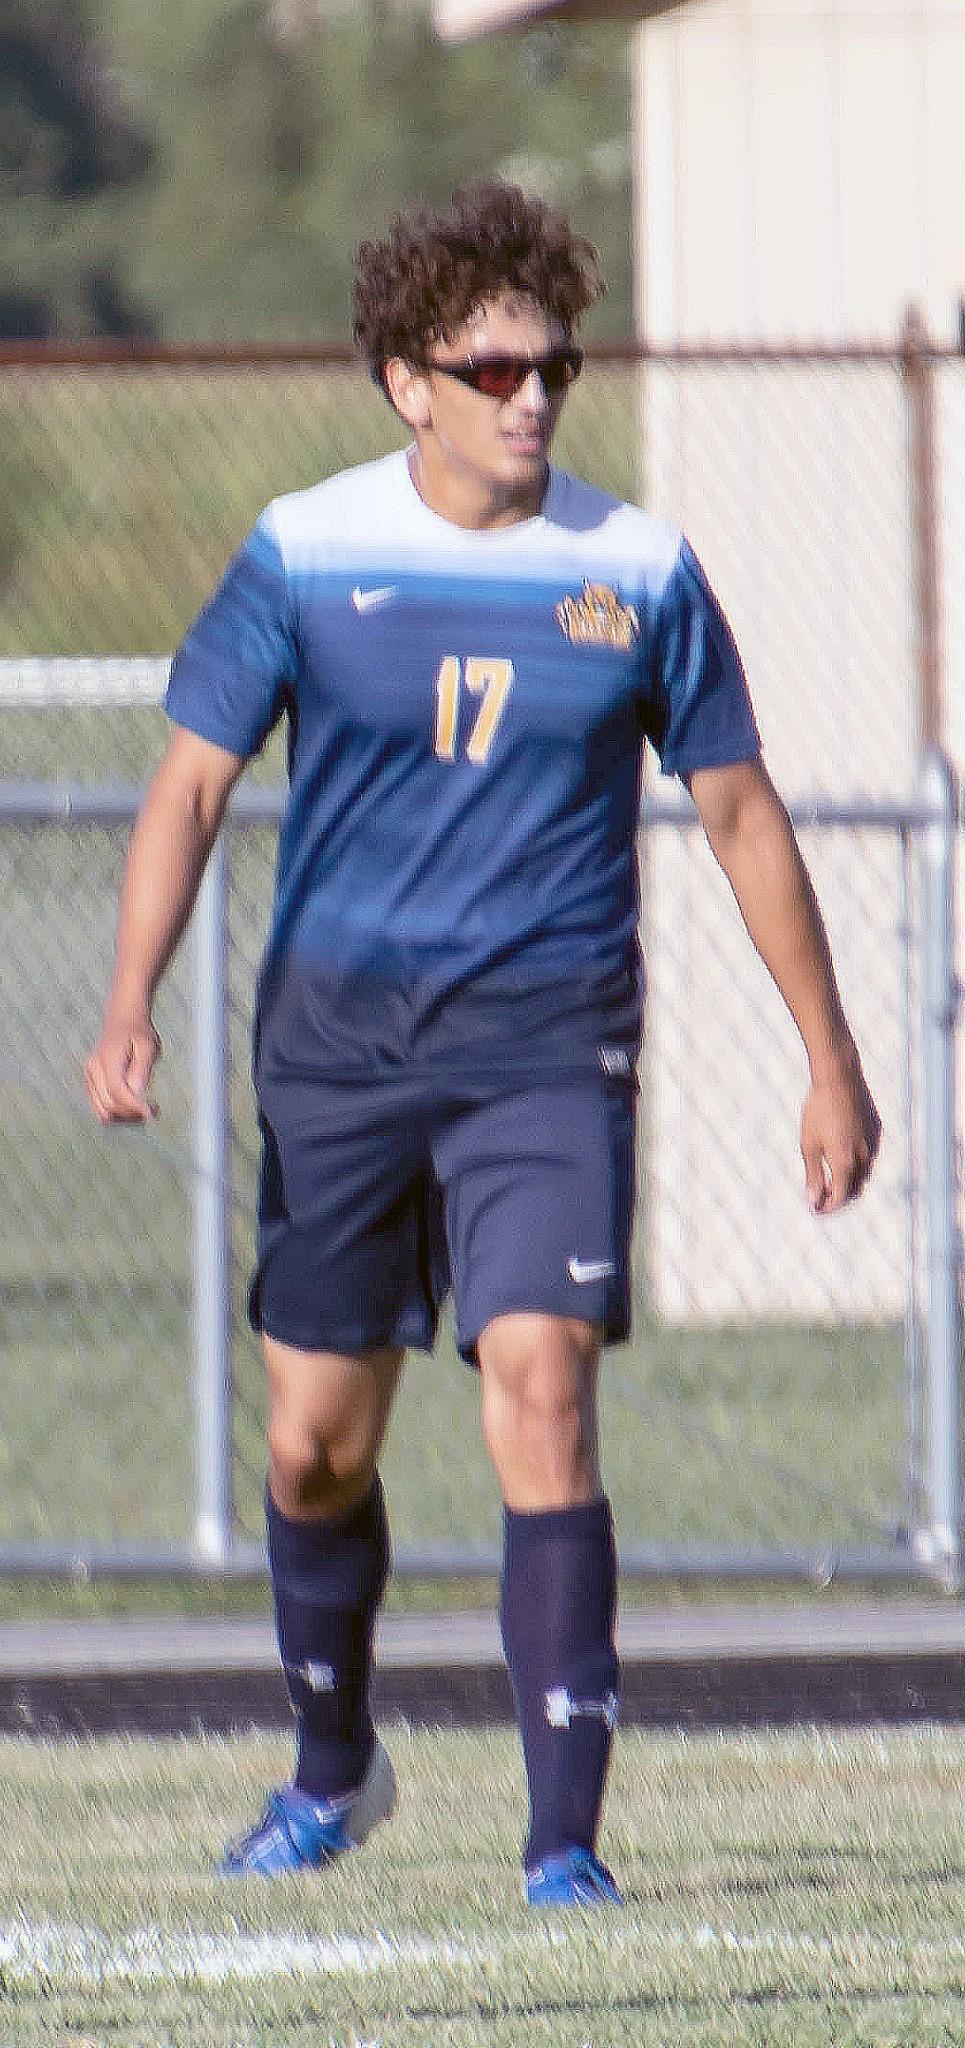 Woodmore senior defenseman Connor Requena. (Press photo by Harold Hamilton/HEHphotos.smugmug.com)